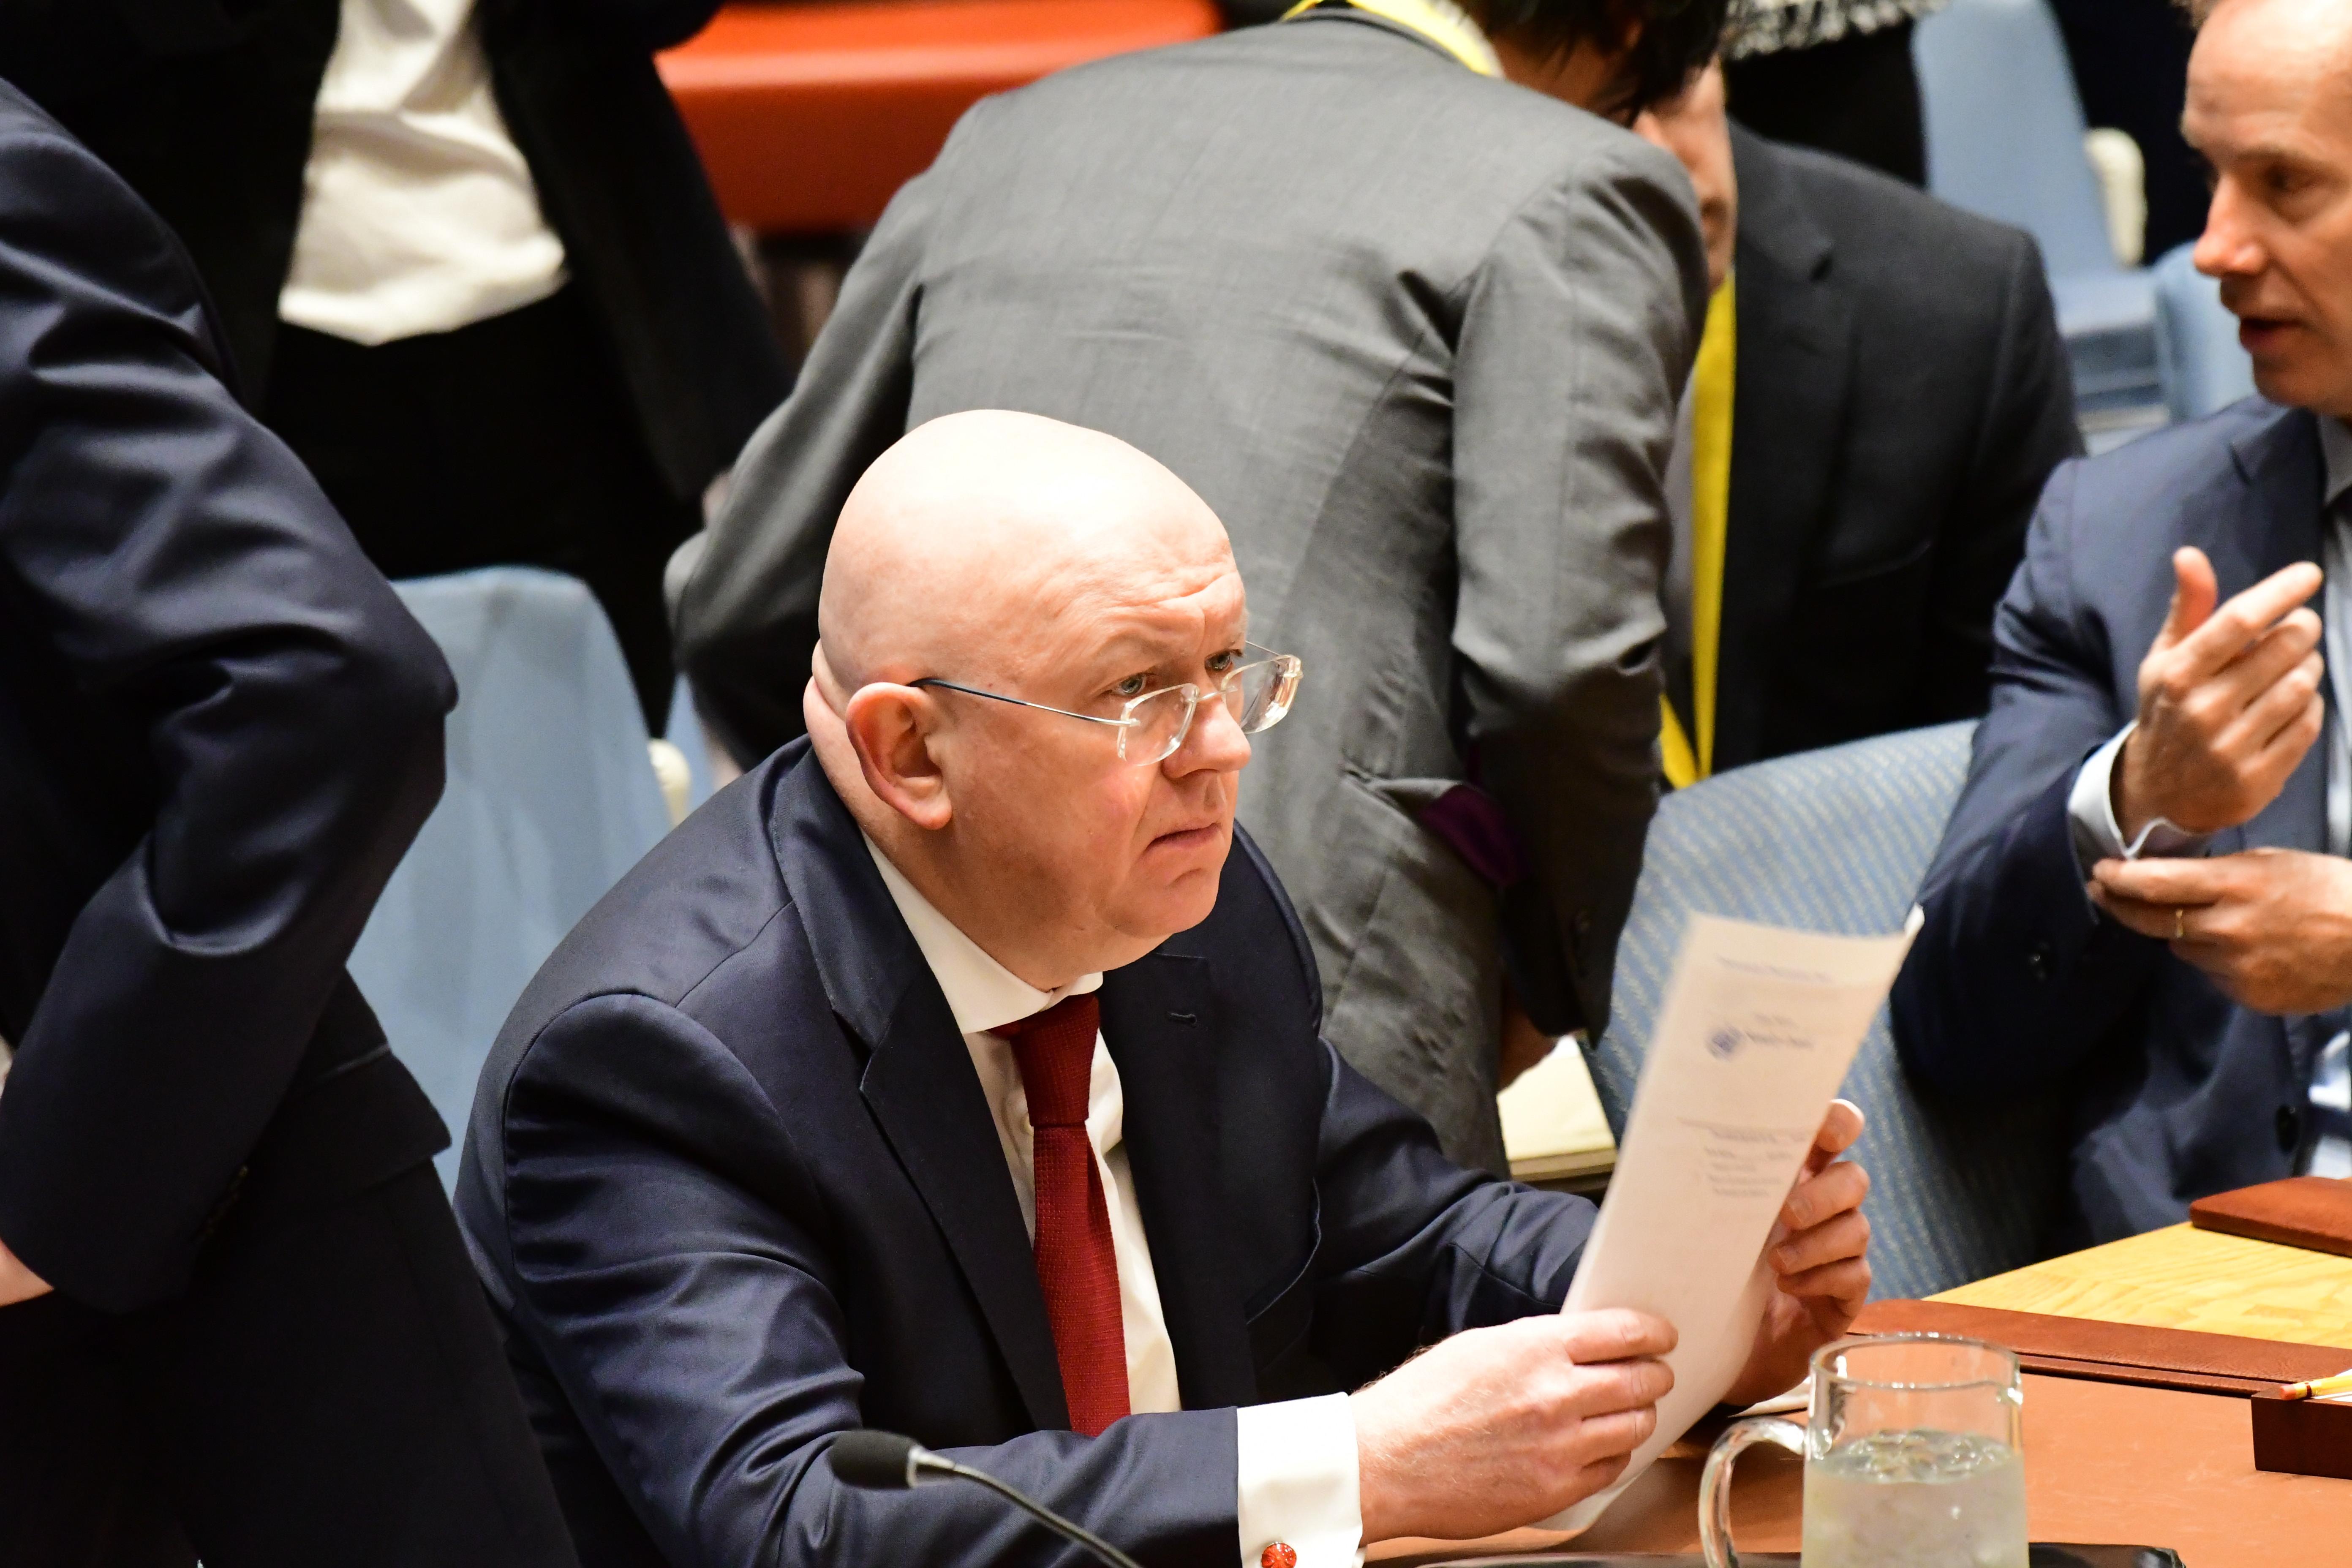 Сюжет омальчике изсирийской Думы будет продемонстрирован членам Совбеза ООН